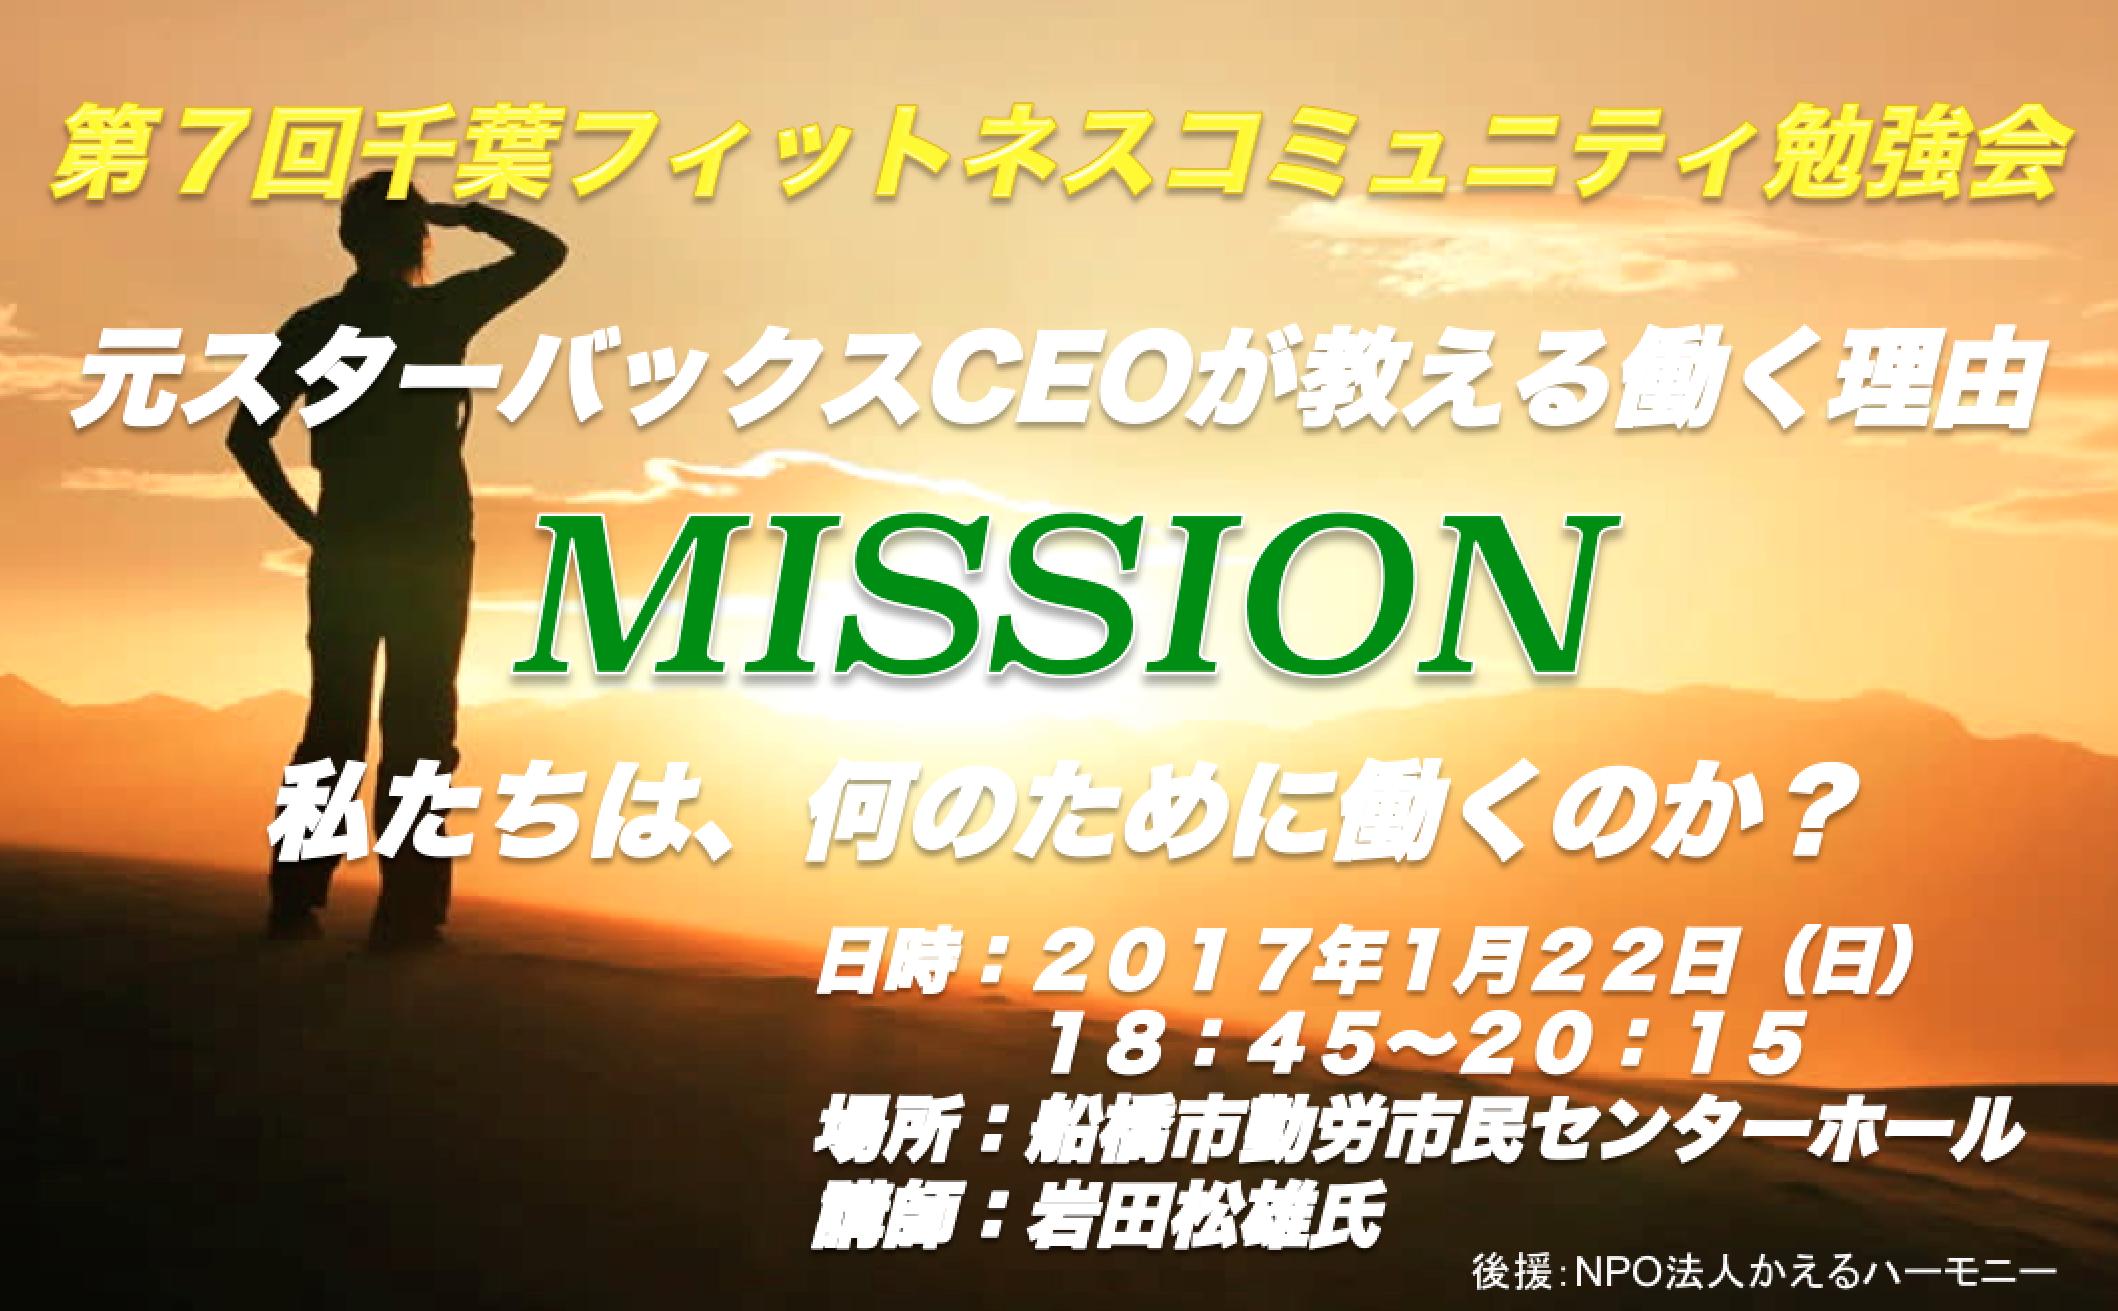 第7回千葉フィットネスコミュニティ